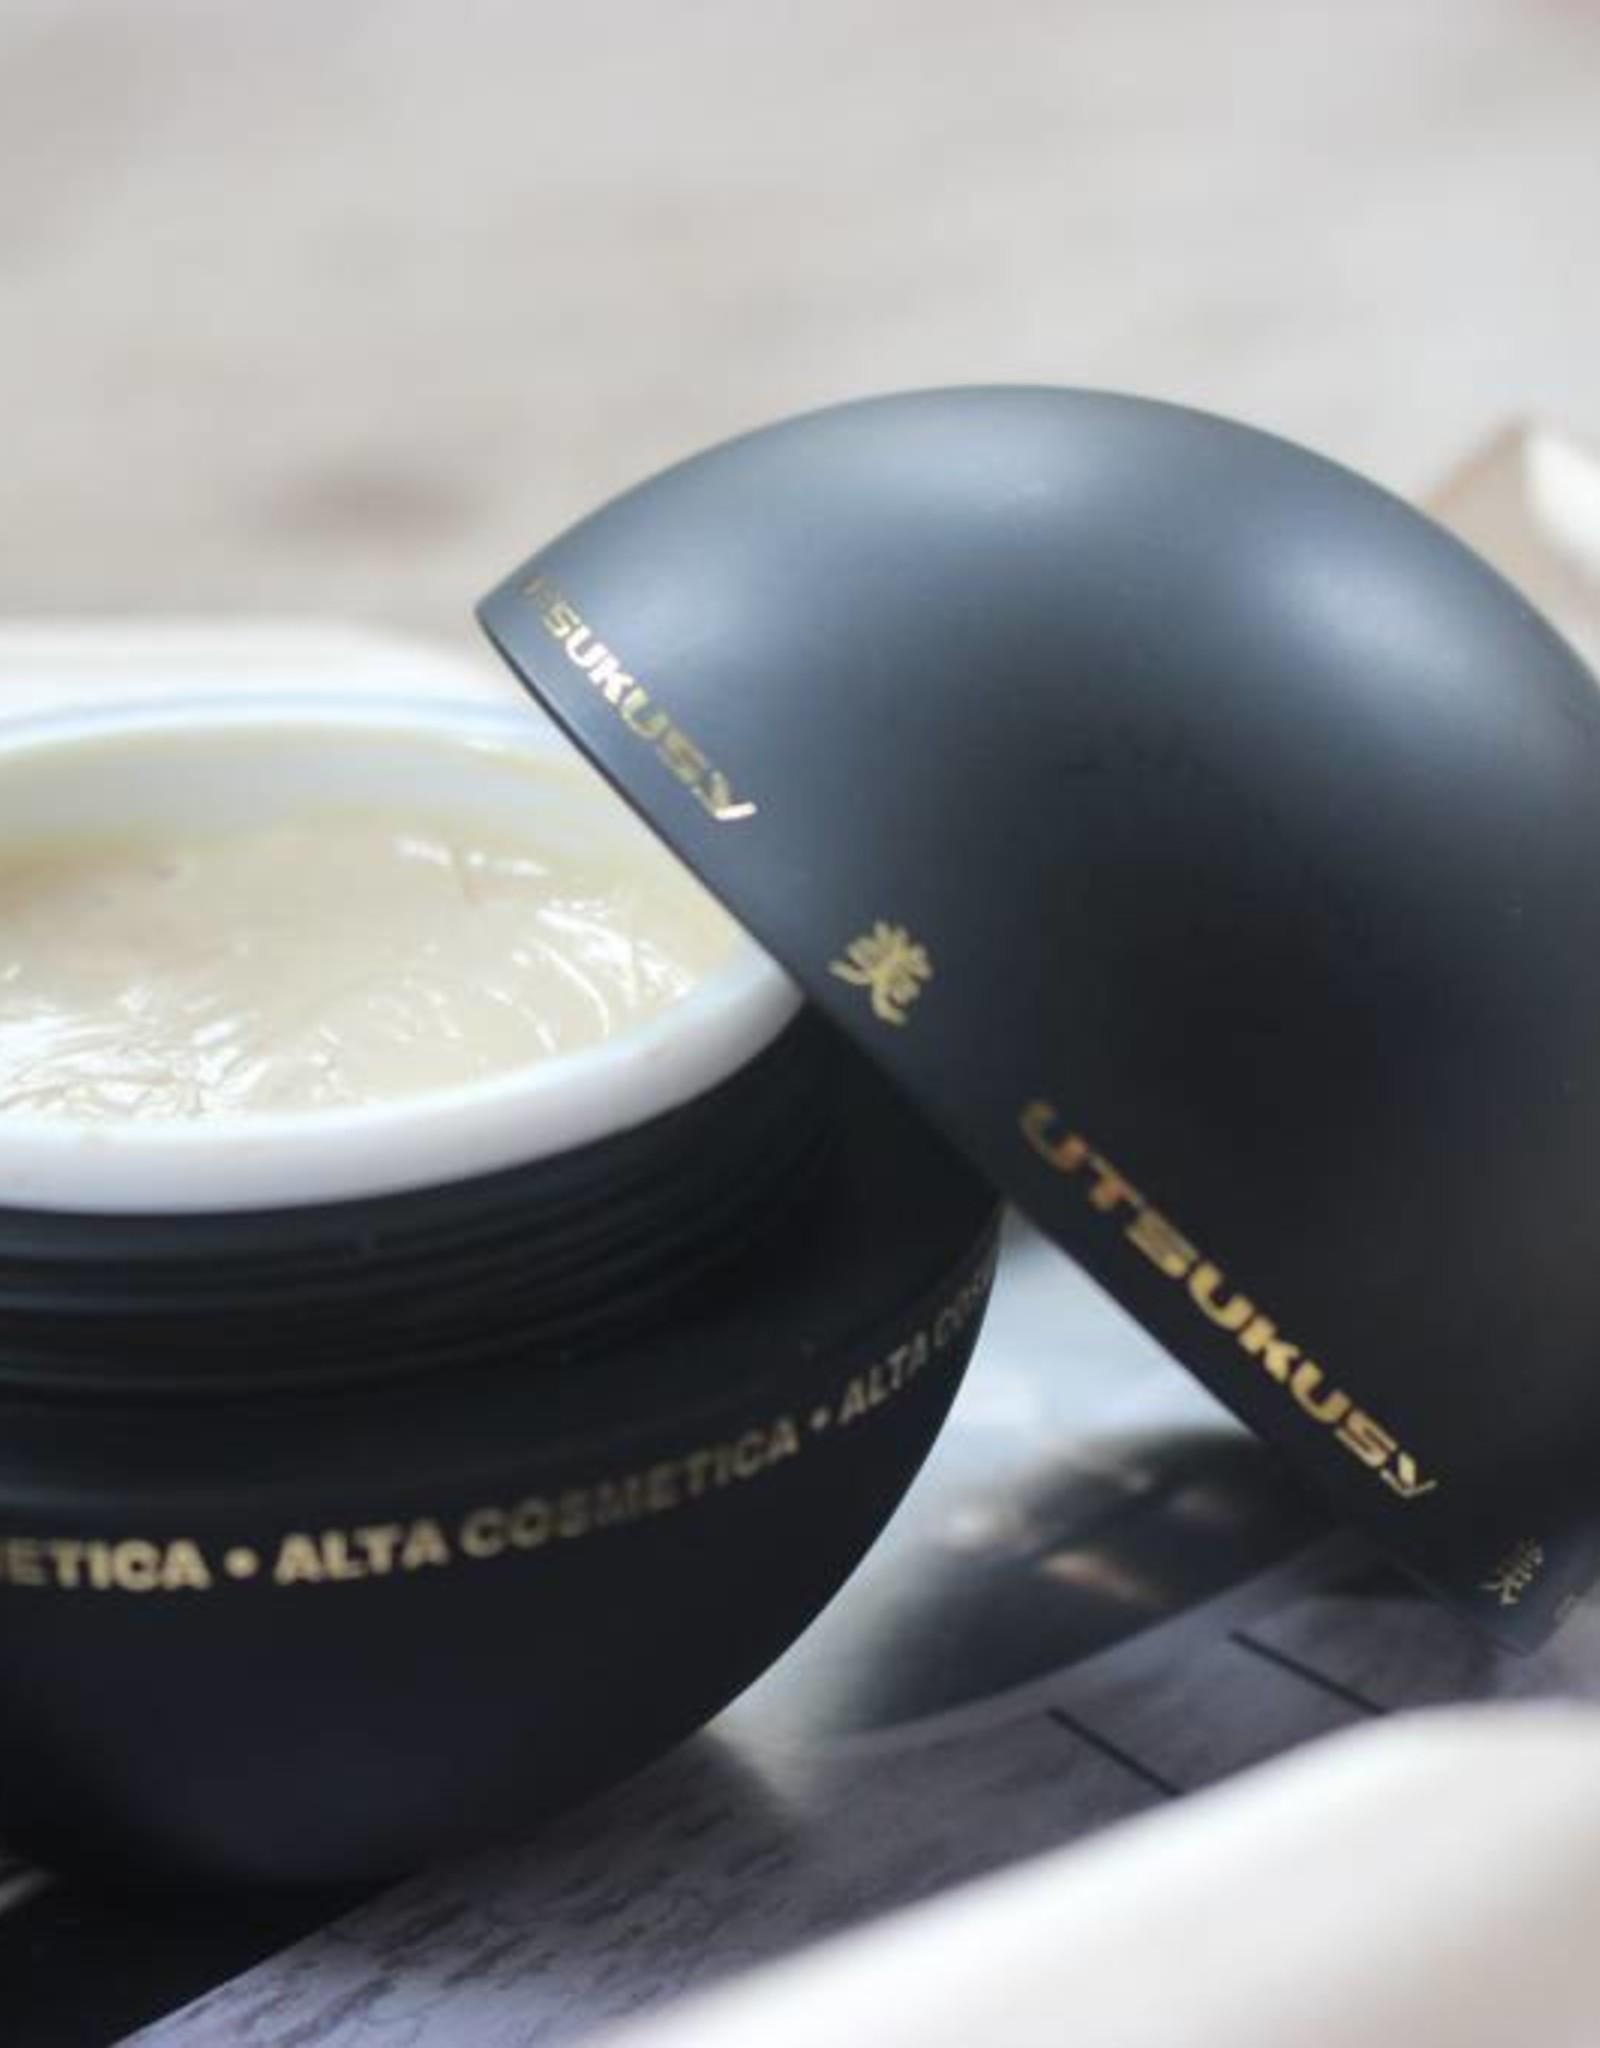 Utsukusy Sirtuina's creme 50ml